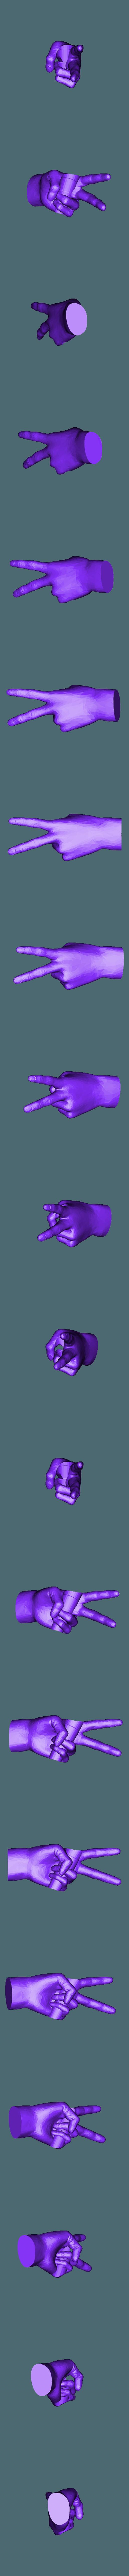 Surprising Blorr-Fulffy.stl Télécharger fichier STL gratuit MAIN • Design pour imprimante 3D, memy_ironmaiden